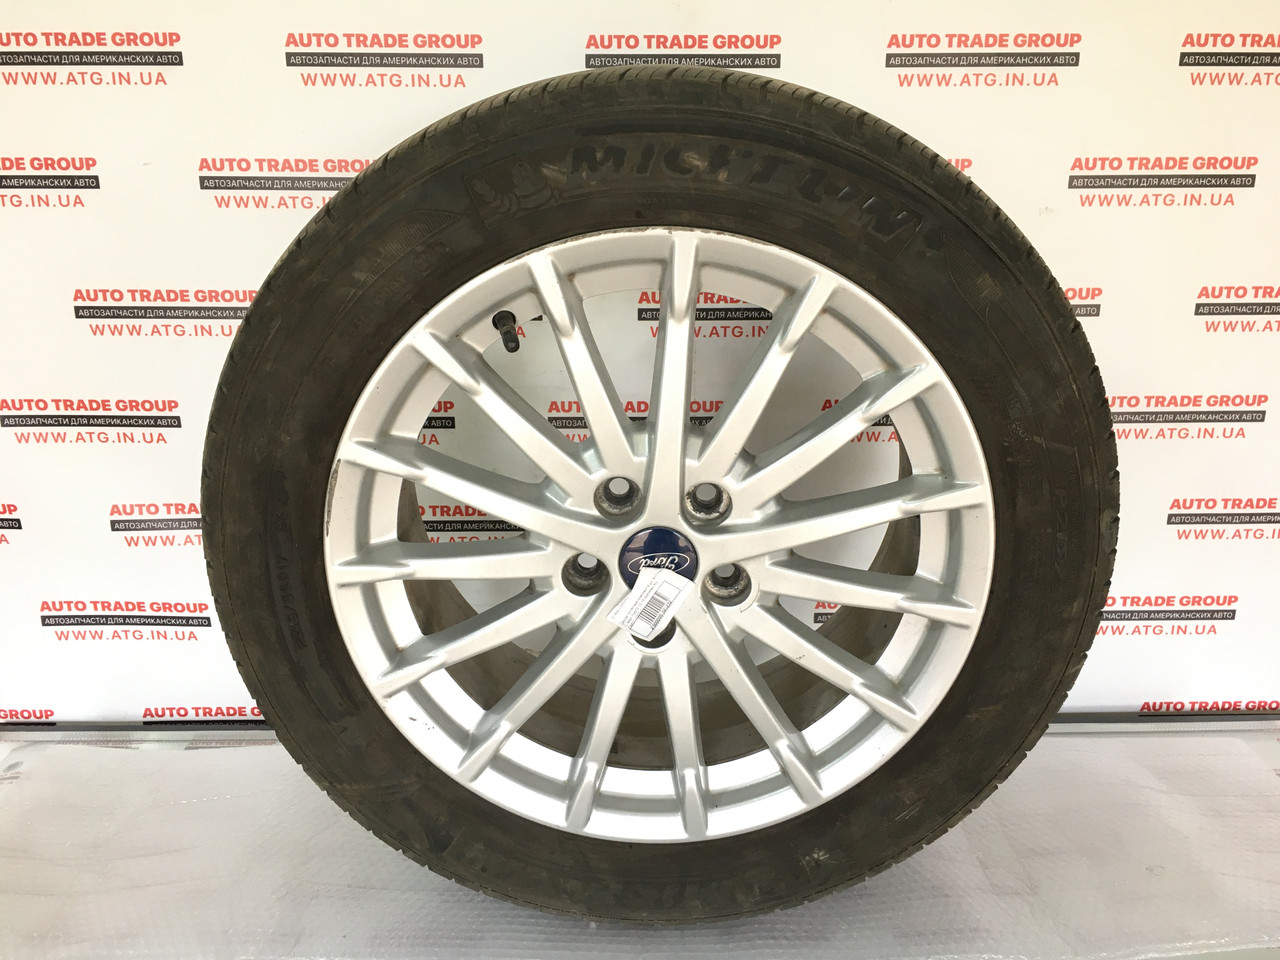 Диски колісні комплект 4 шт. R17 Ford C-Max Hybrid 13-18 оригінал б/у CM5Z-1007-C